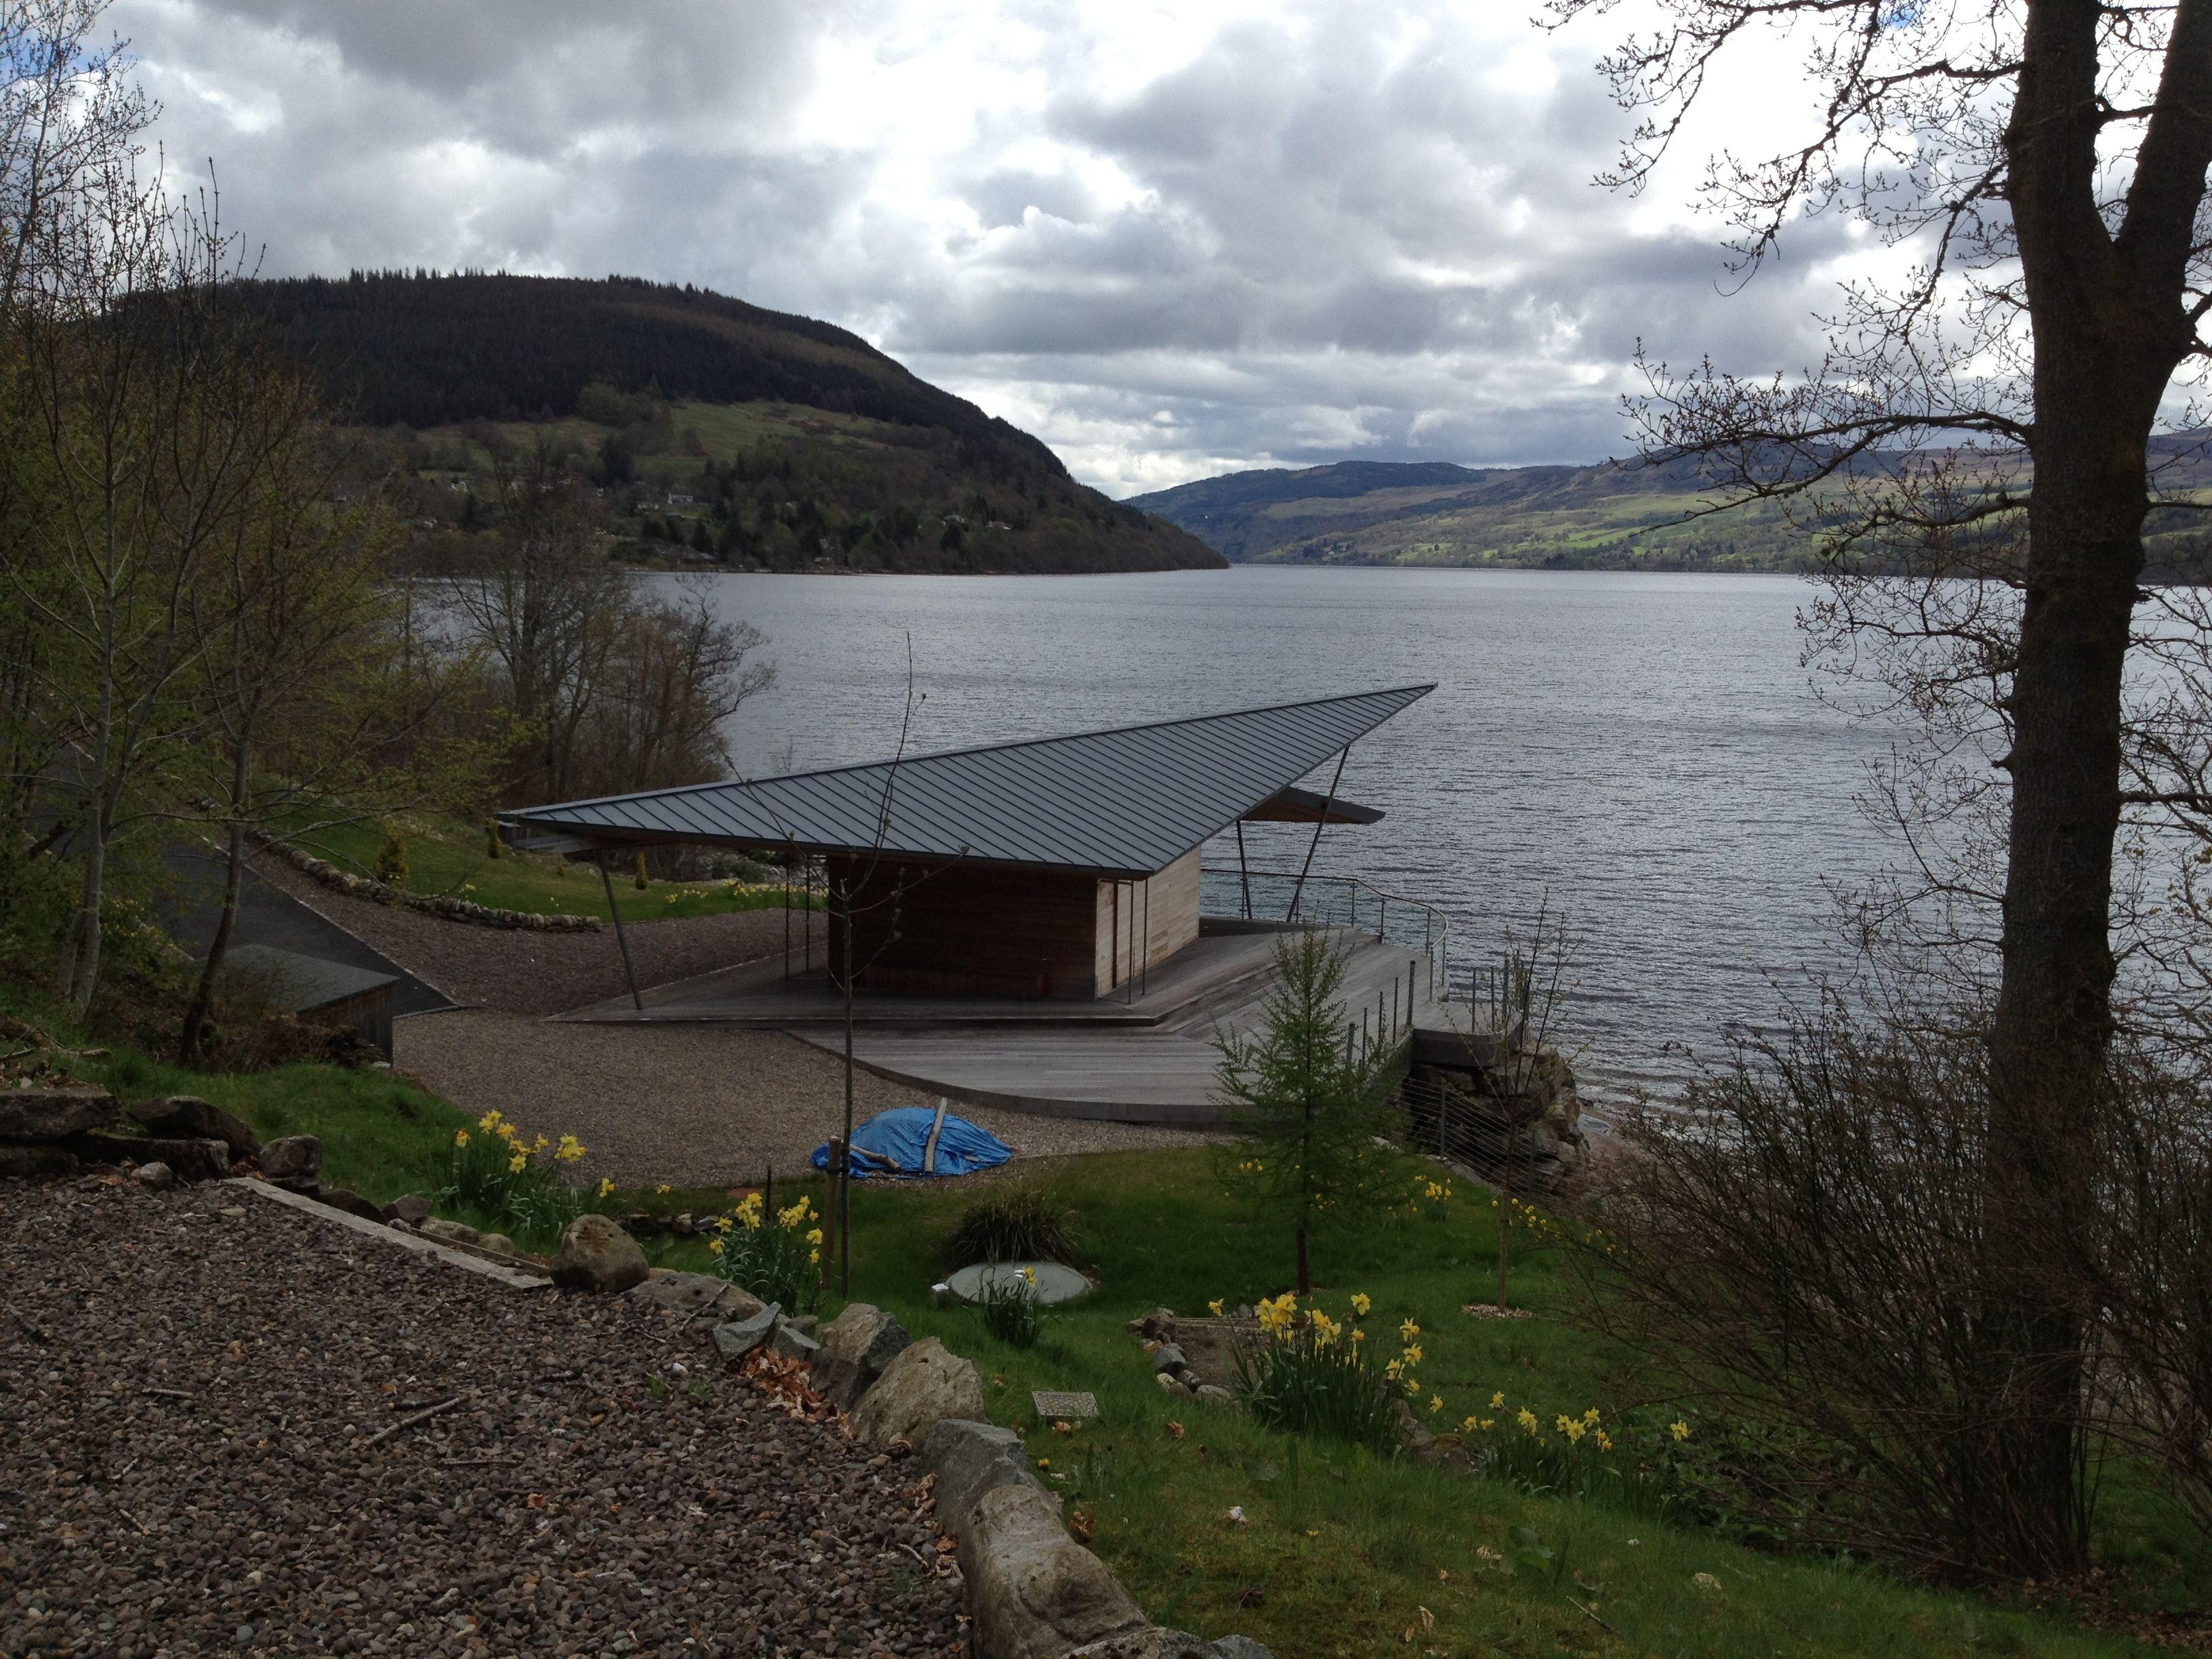 House/cabin on Loch Tay